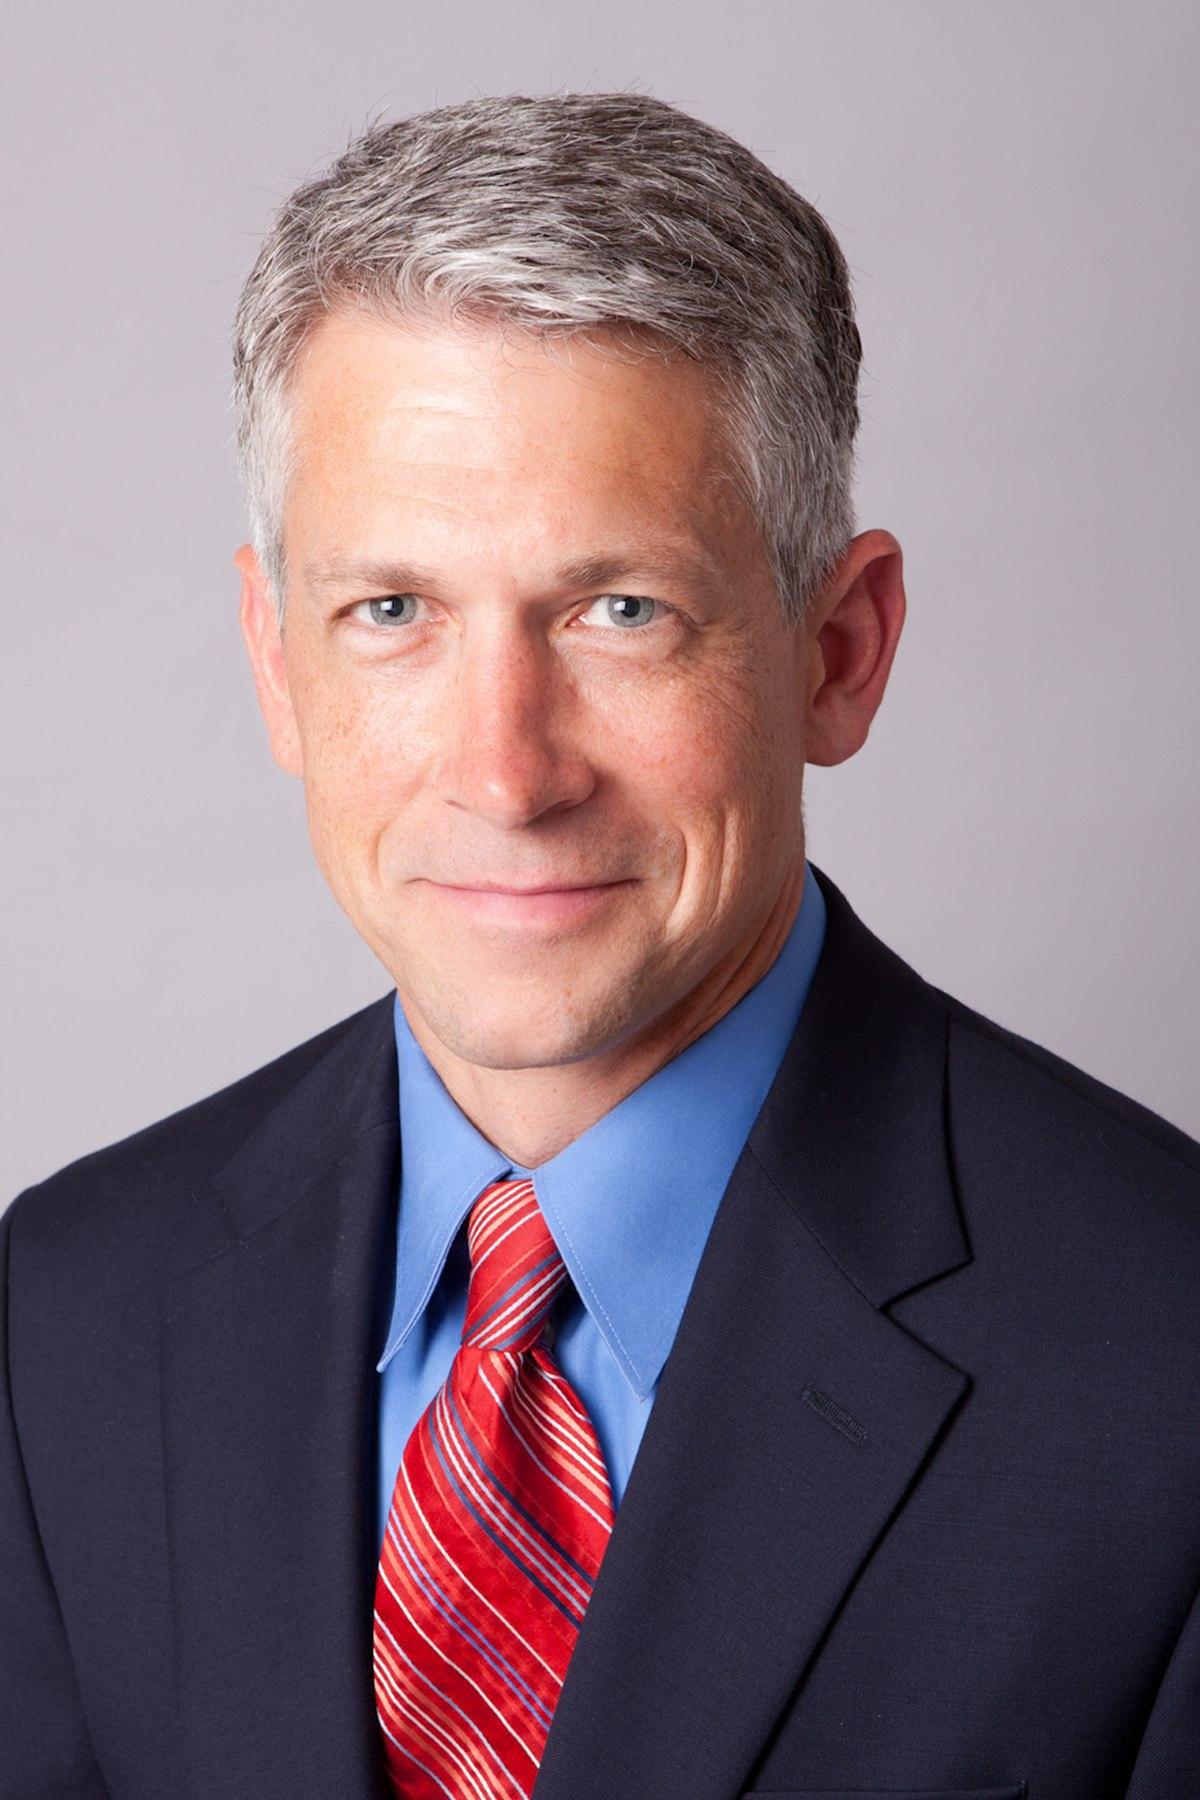 Dr. Shawn Williams